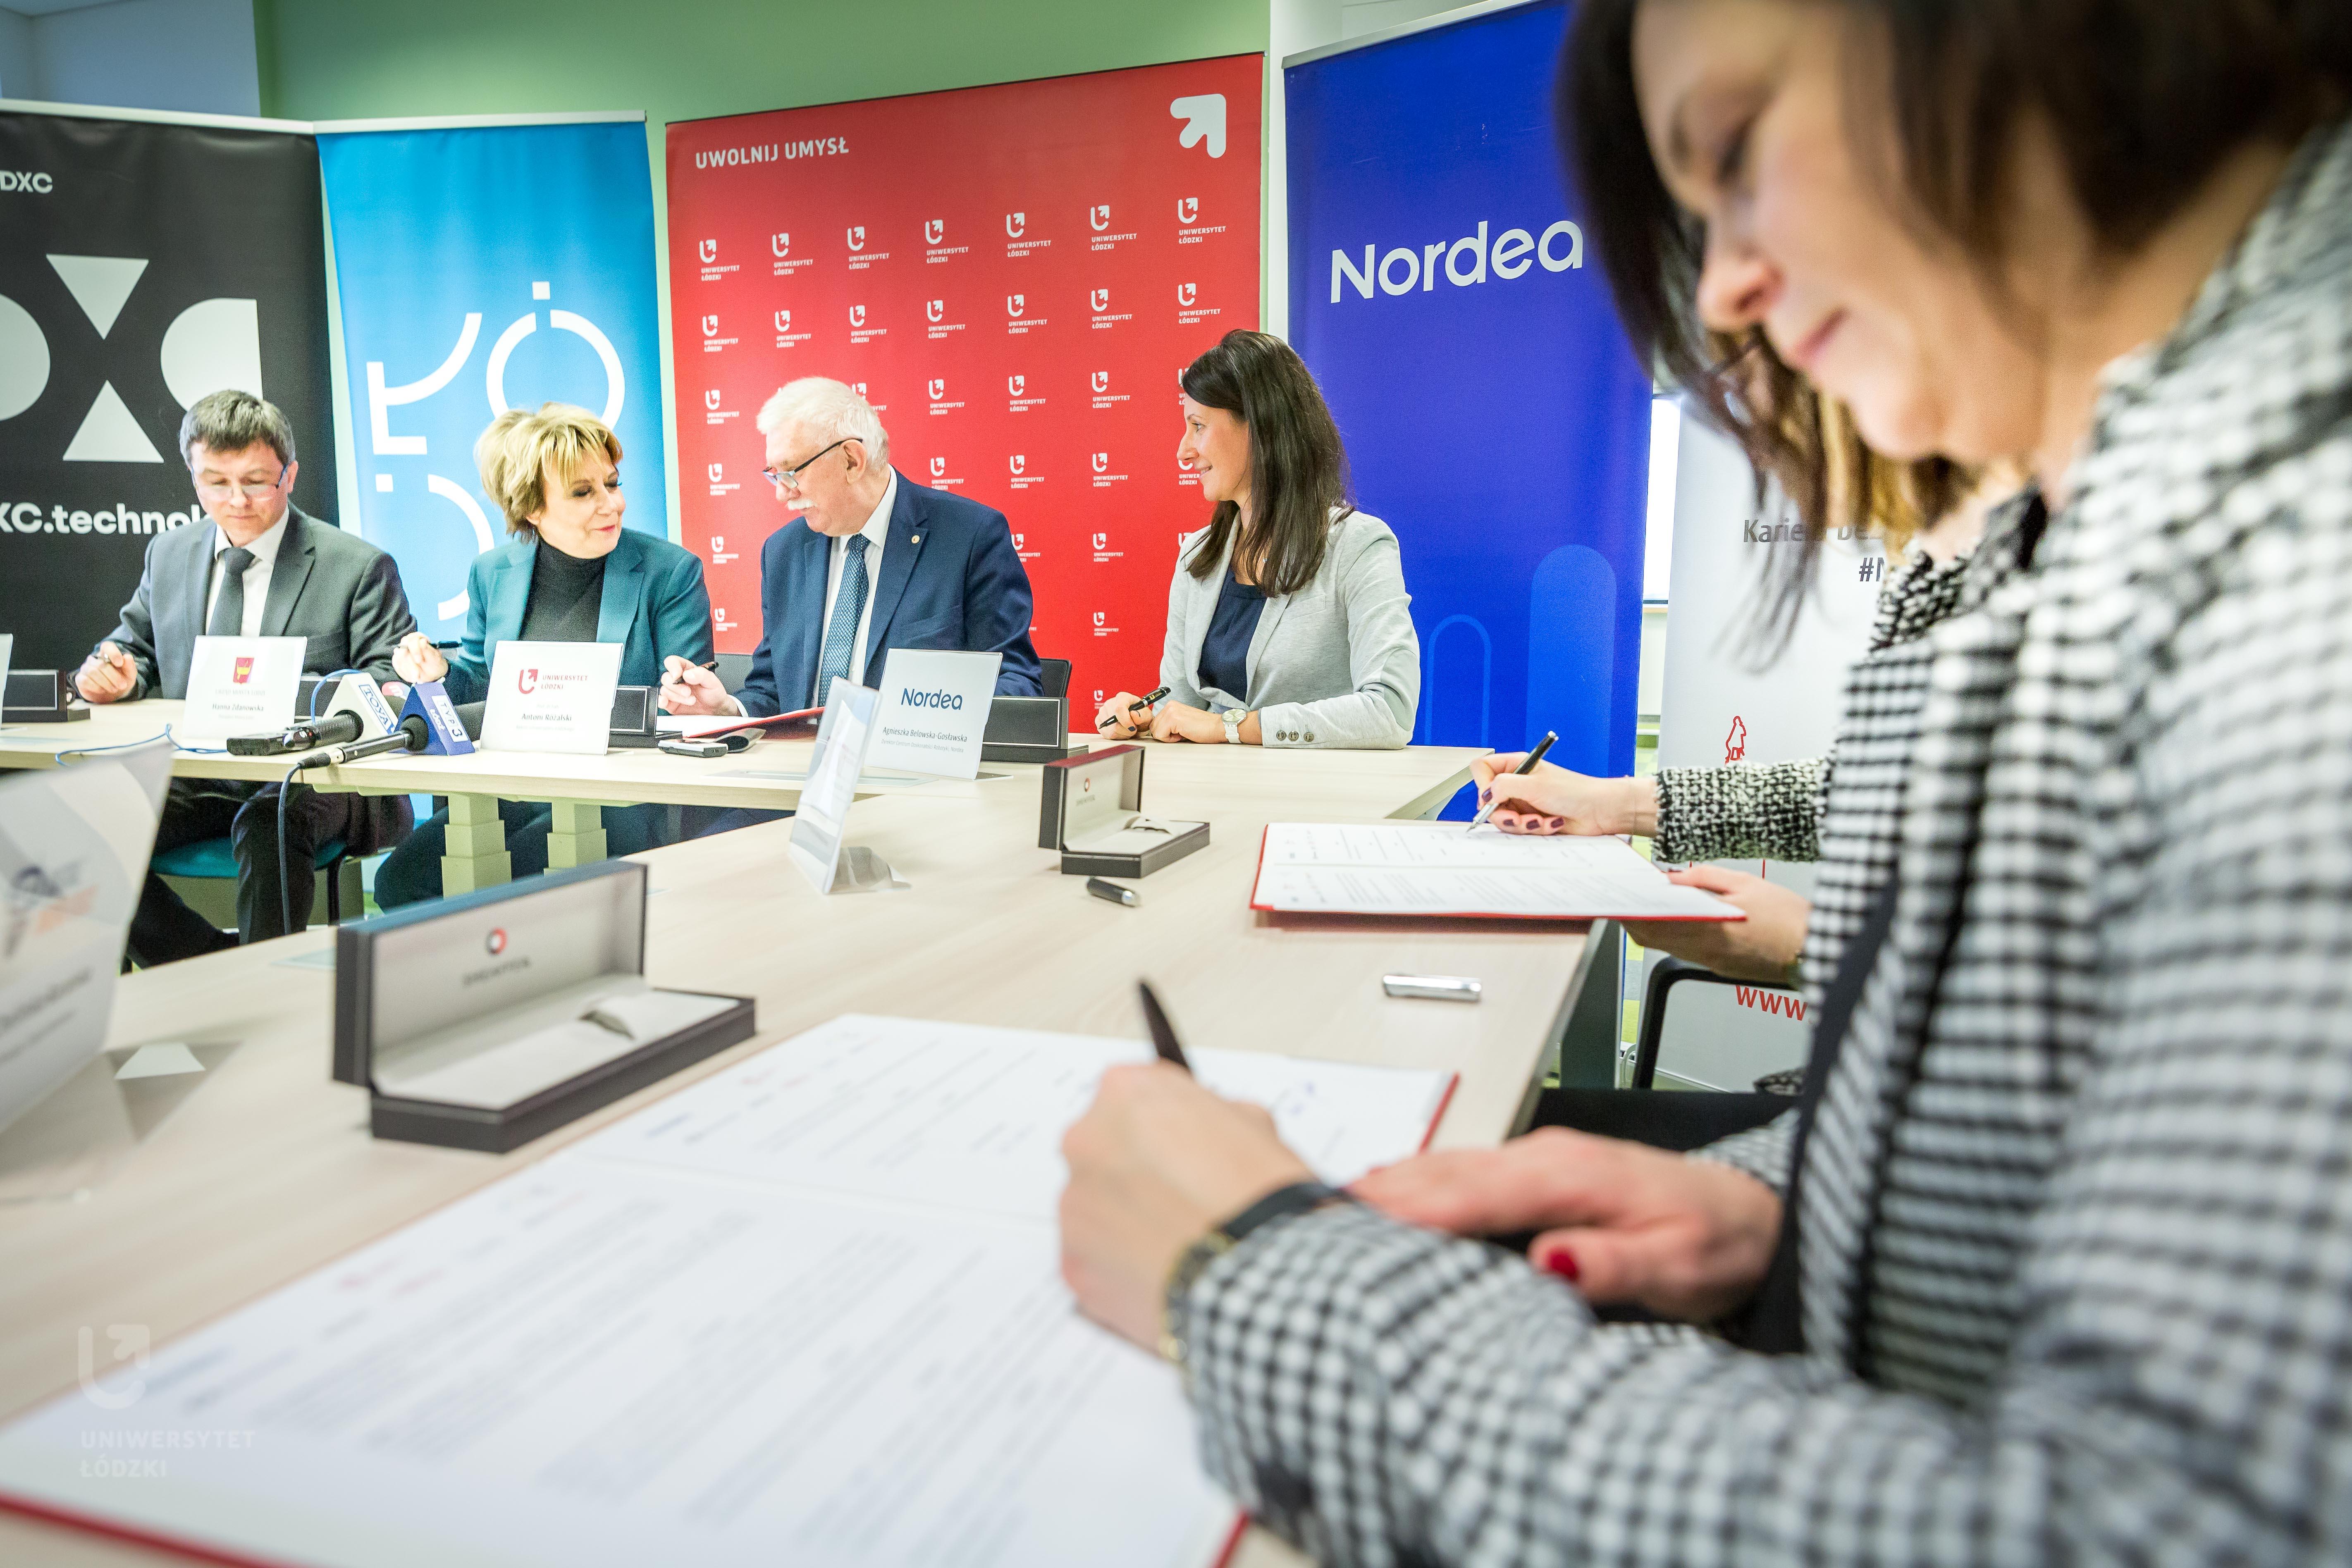 Uniwersytet Łódzki, wraz z sześcioma silnymi partnerami biznesowymi z Łodzi, otwiera nowy, wyjątkowy, kierunek studiów - Automatyzacja Procesów Biznesowych (fot. mat. pras)